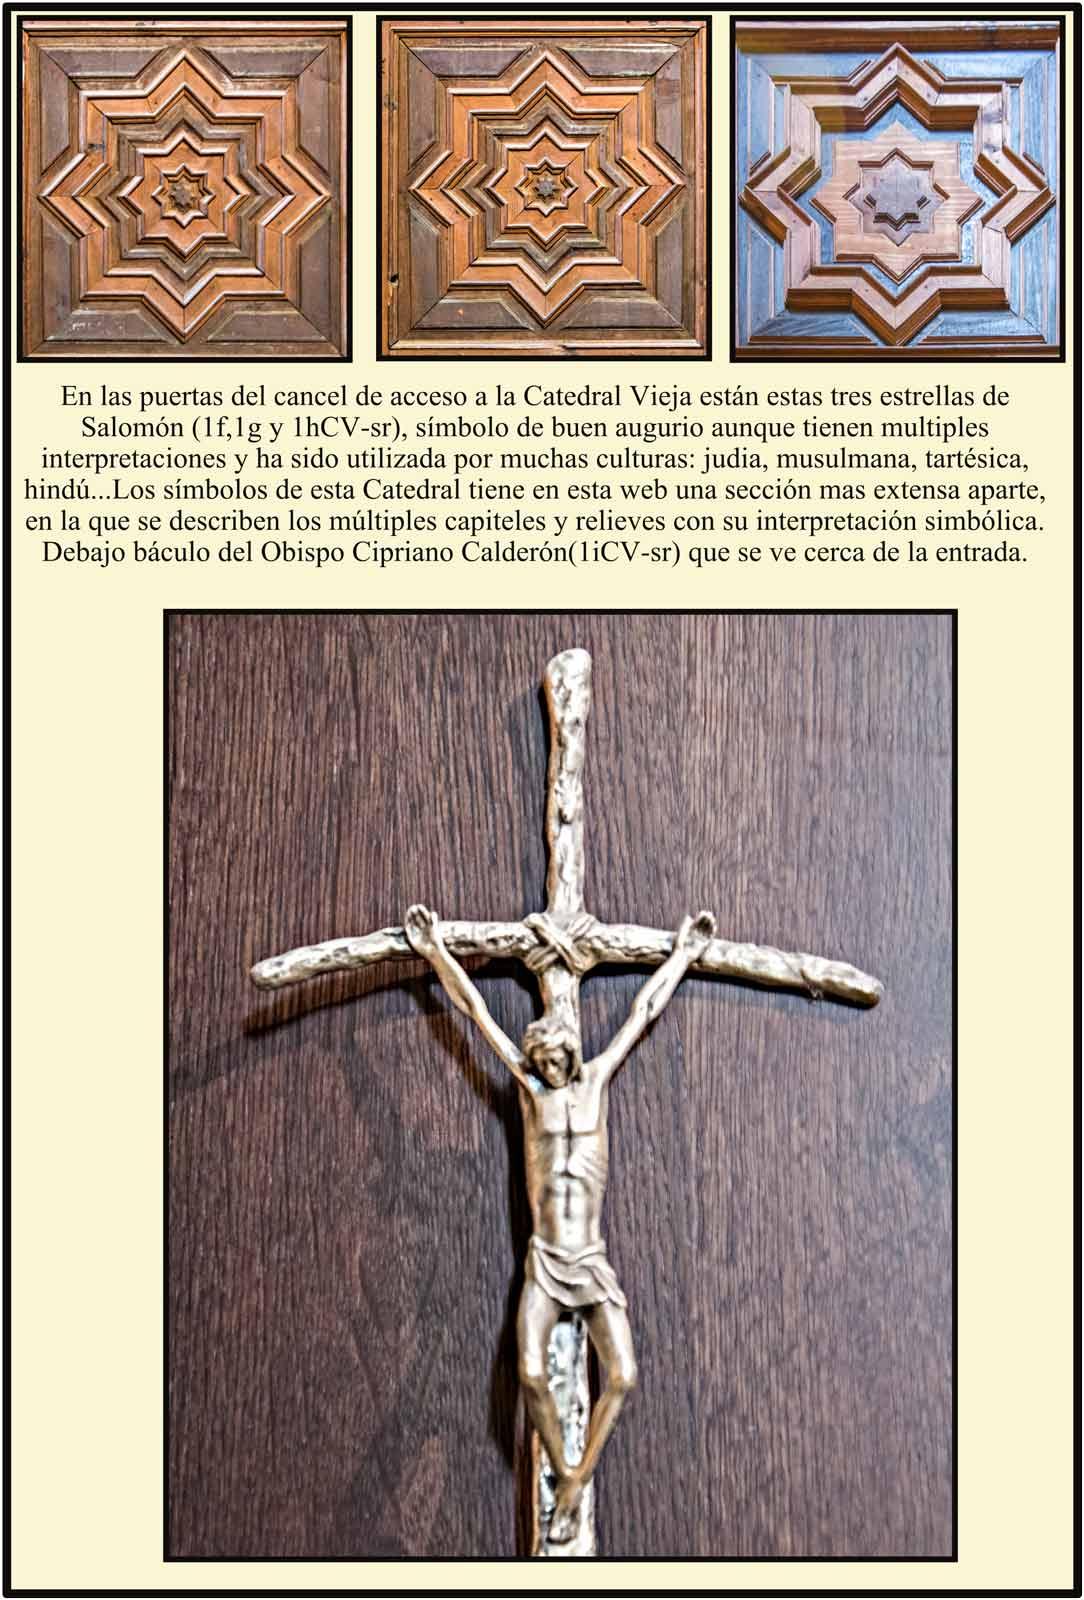 Estrellas de Salomon en la puerta de madera de la entrada a la Catedral Vieja